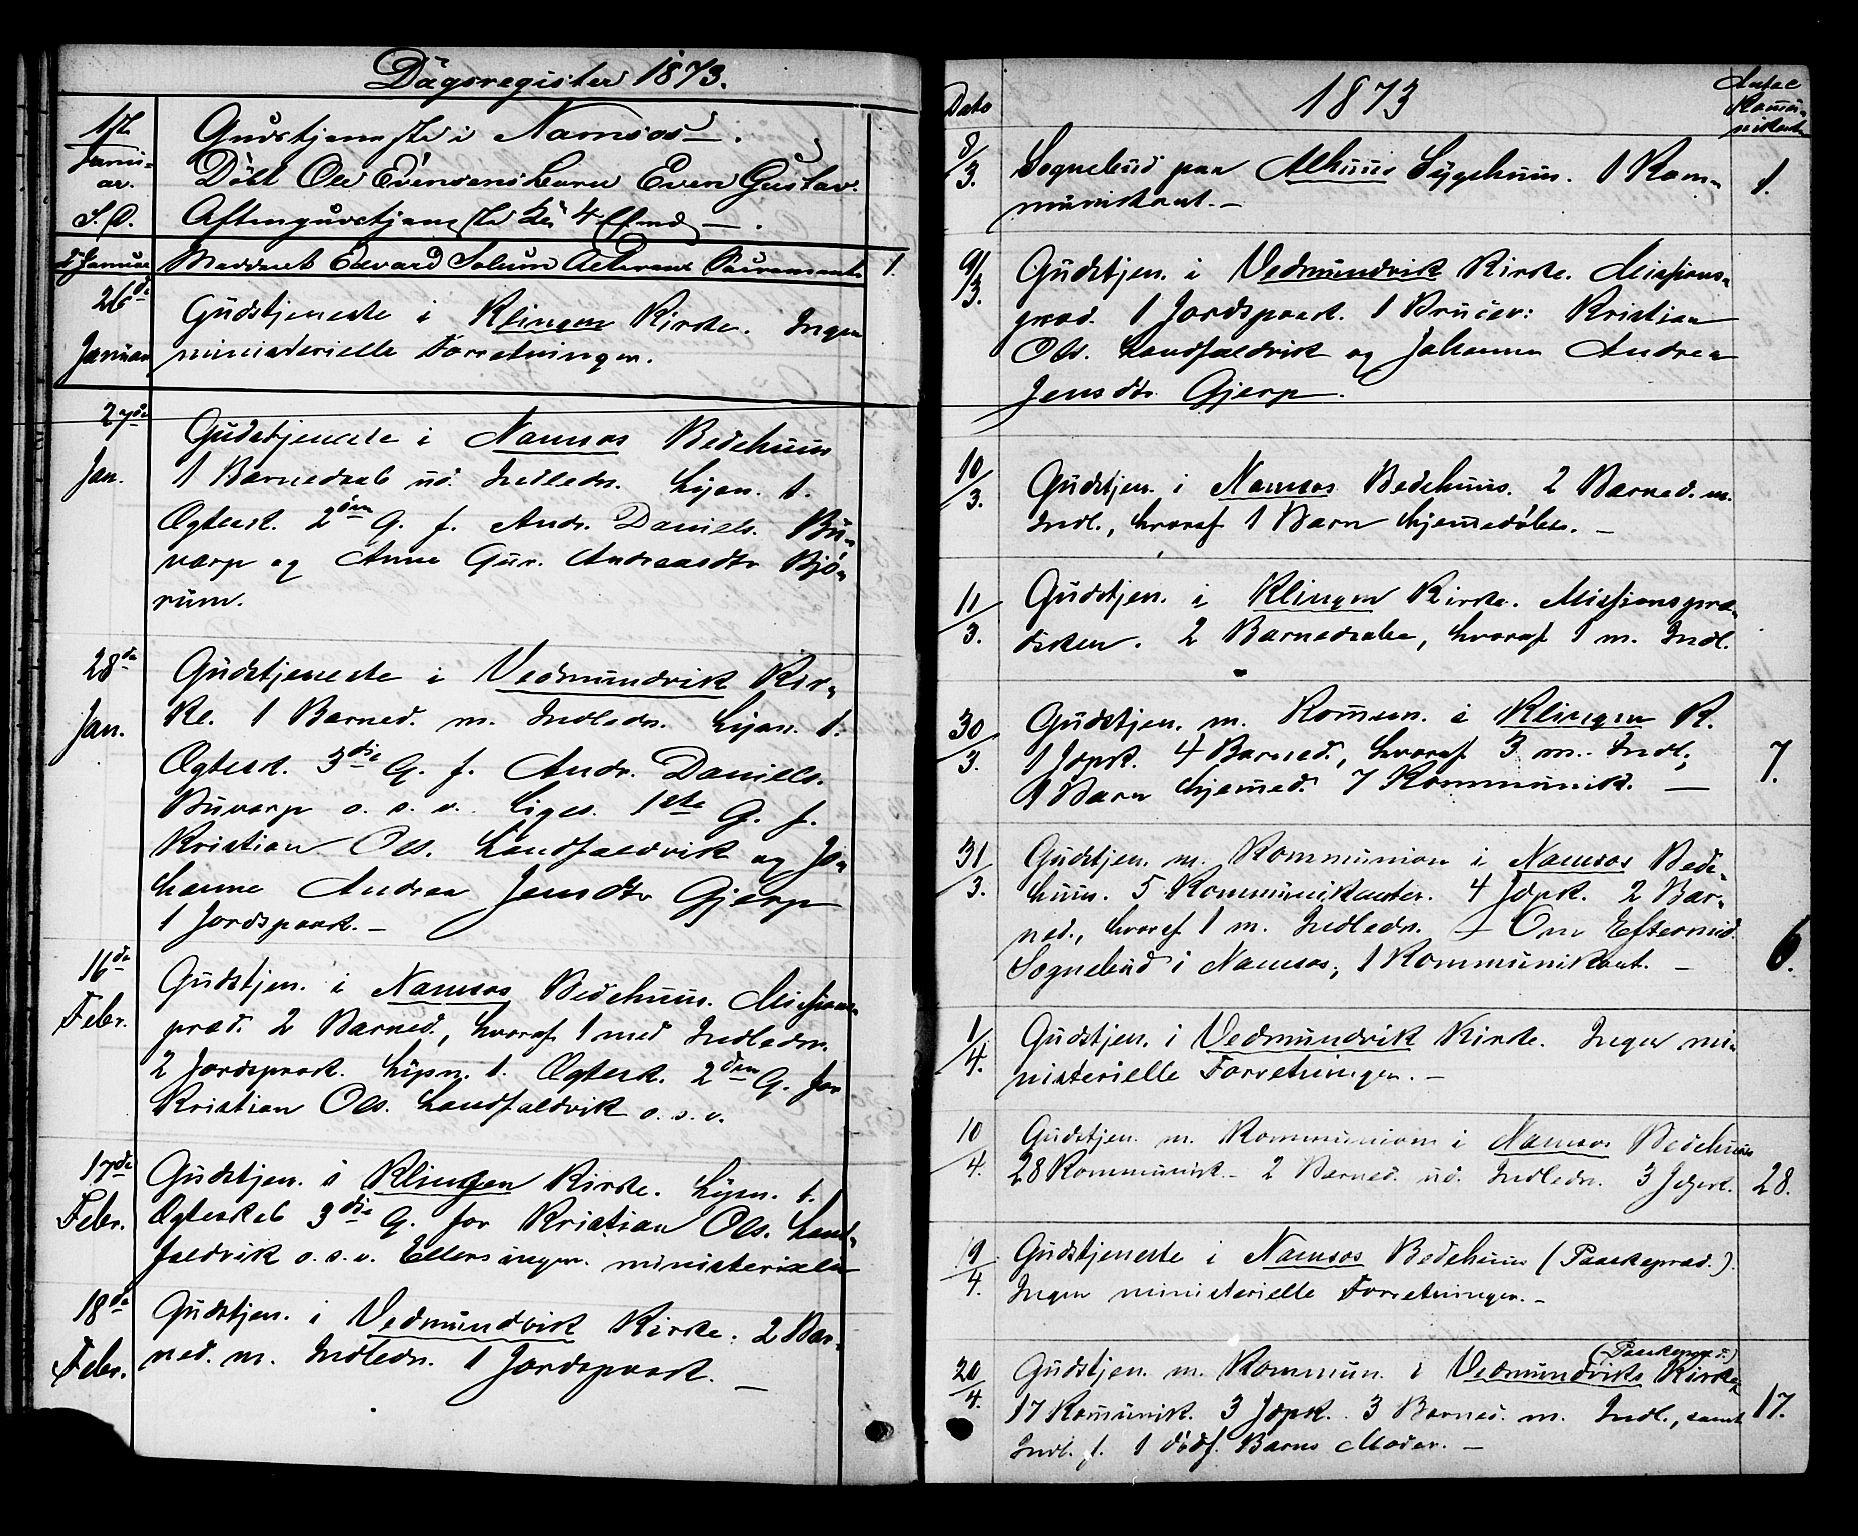 SAT, Ministerialprotokoller, klokkerbøker og fødselsregistre - Nord-Trøndelag, 768/L0571: Ministerialbok nr. 768A06, 1869-1888